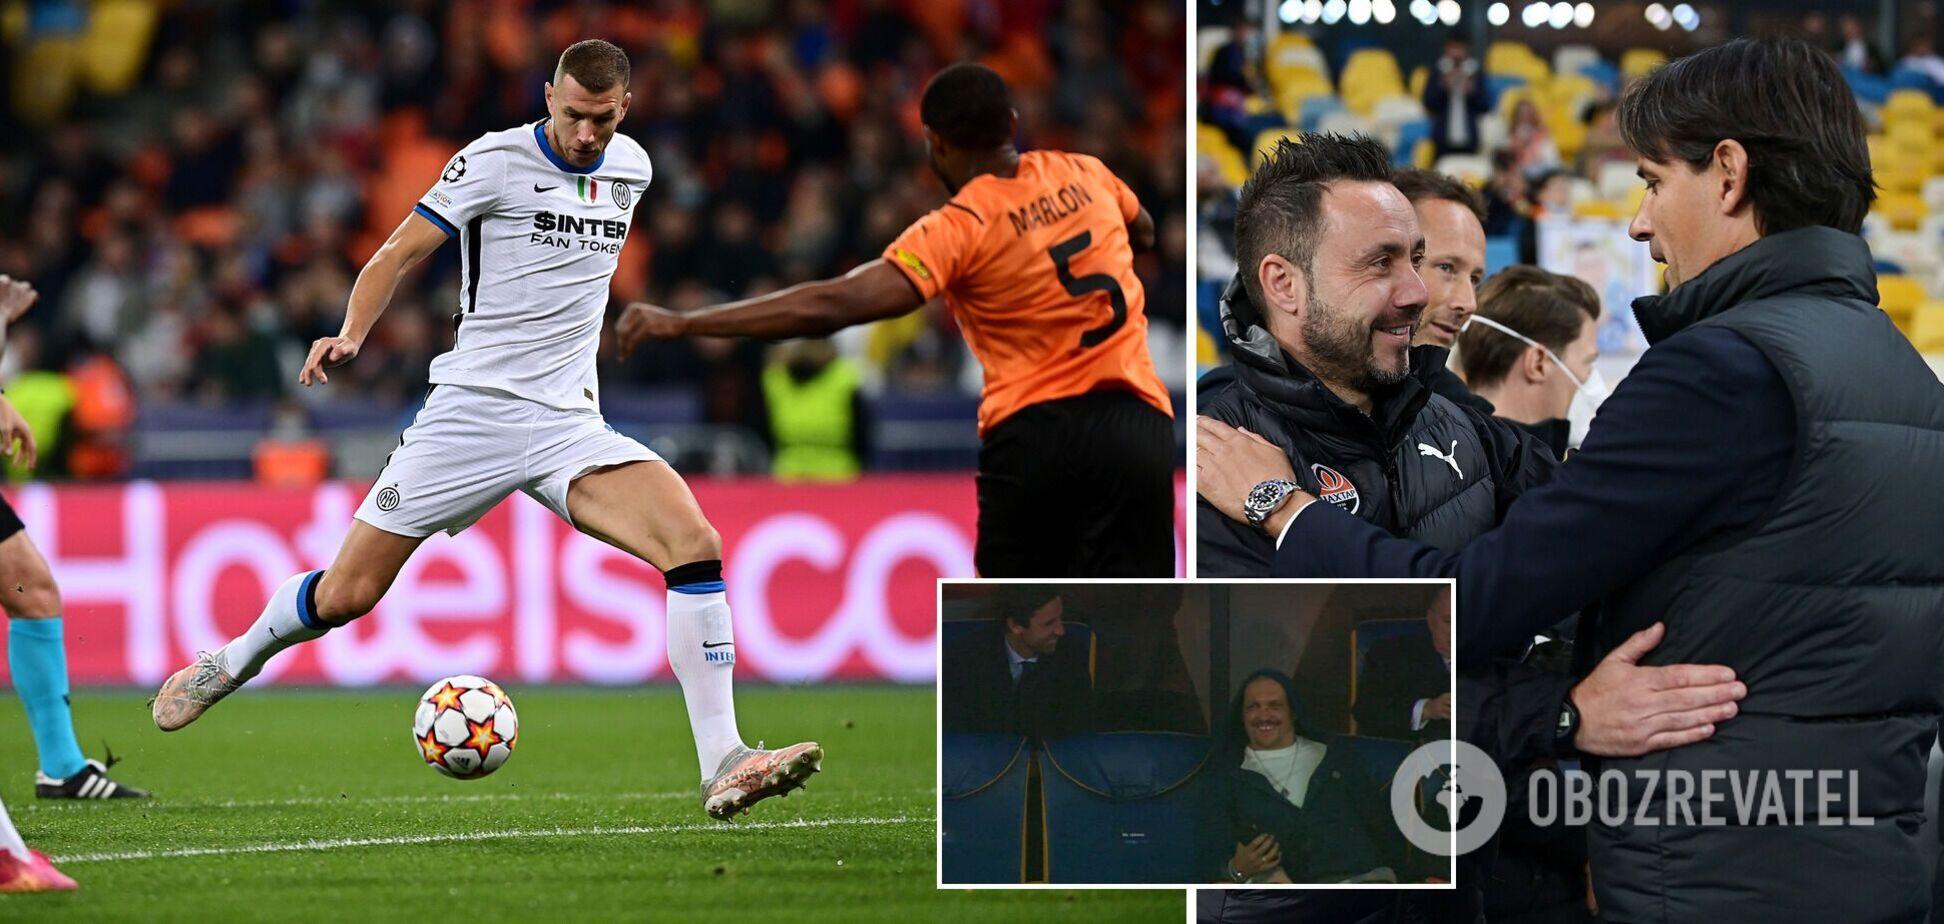 Усик на стадионе! 'Шахтер' – 'Интер' – 0-0: онлайн-трансляция матча Лиги чемпионов